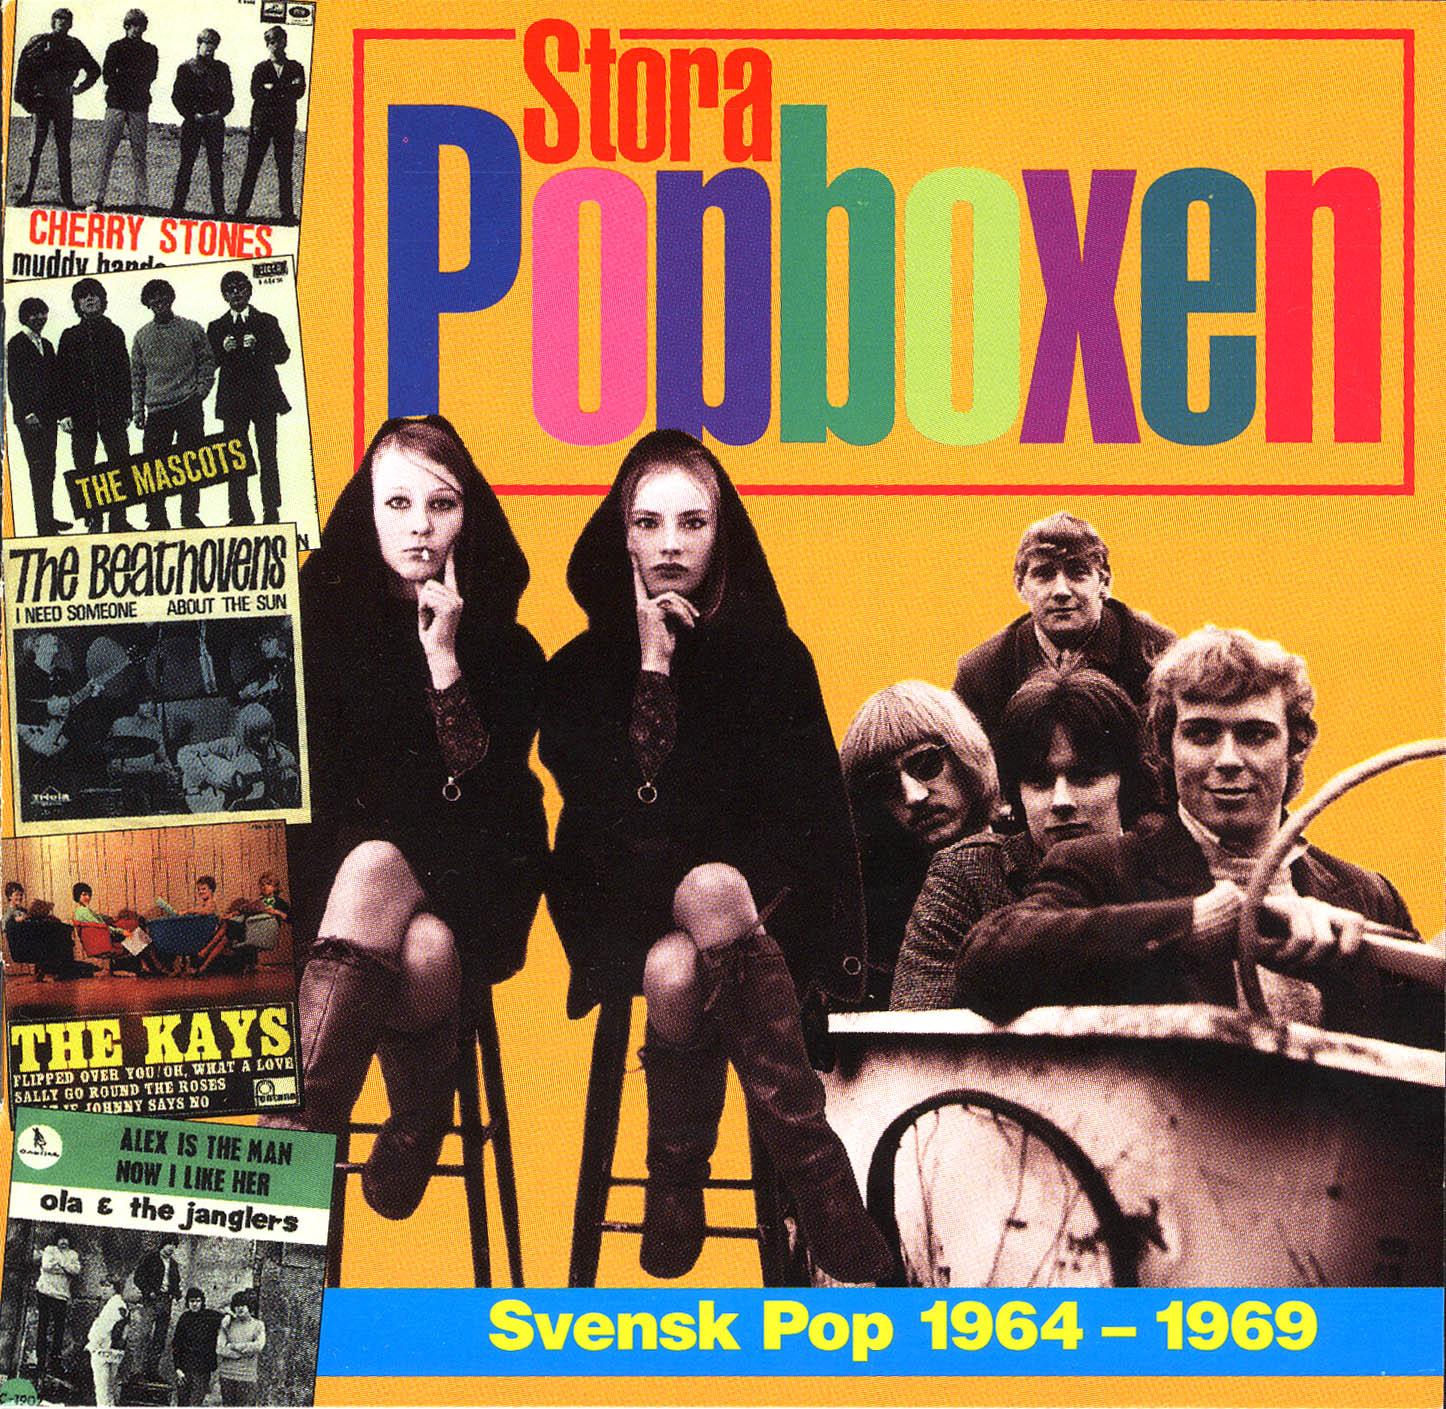 svenskpop